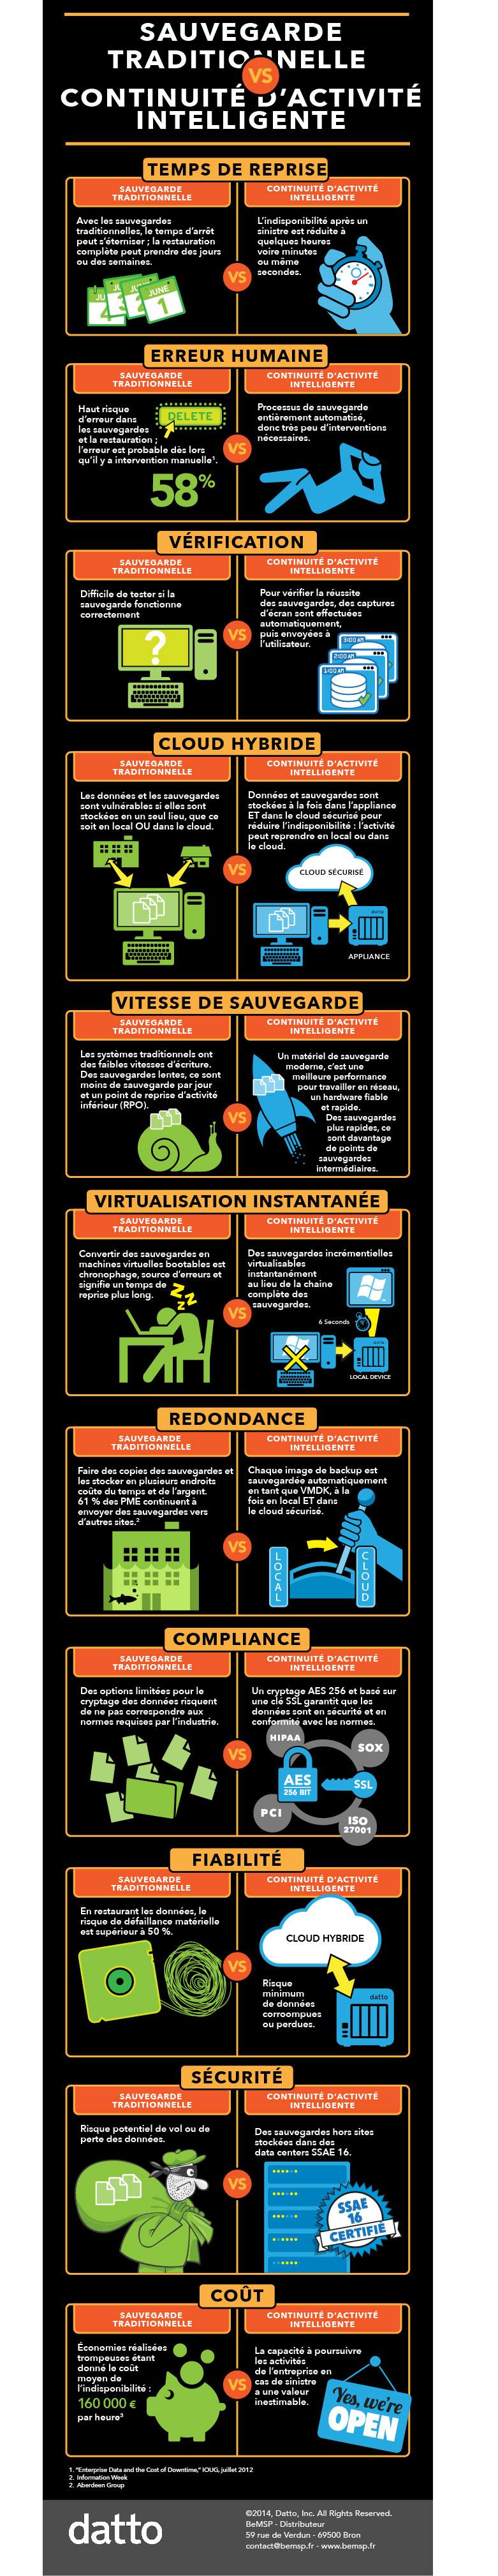 Infographie Datto Continuité d'activité